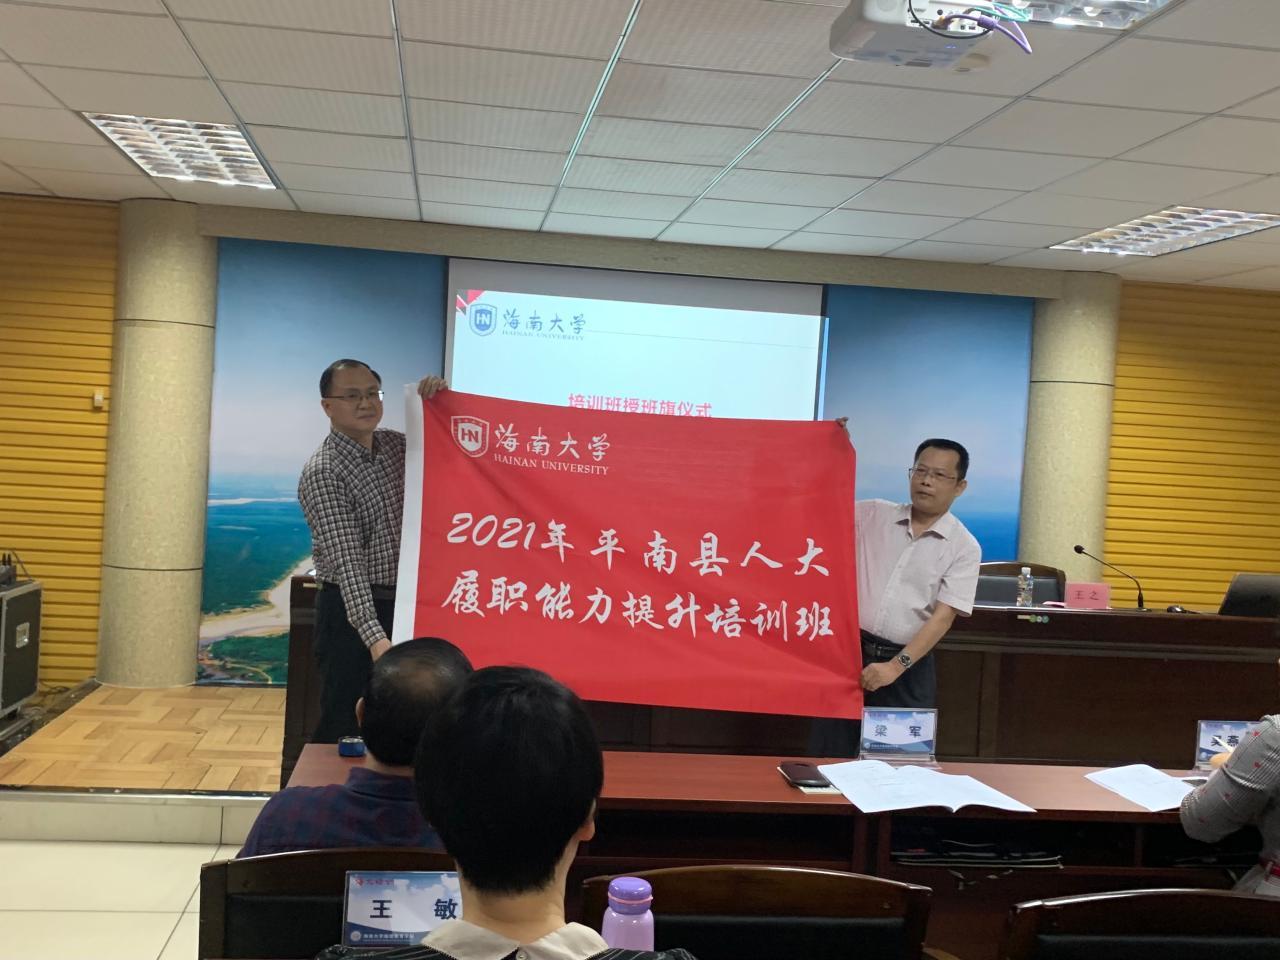 2021年平南县人大履职能力提升培训班顺利开班